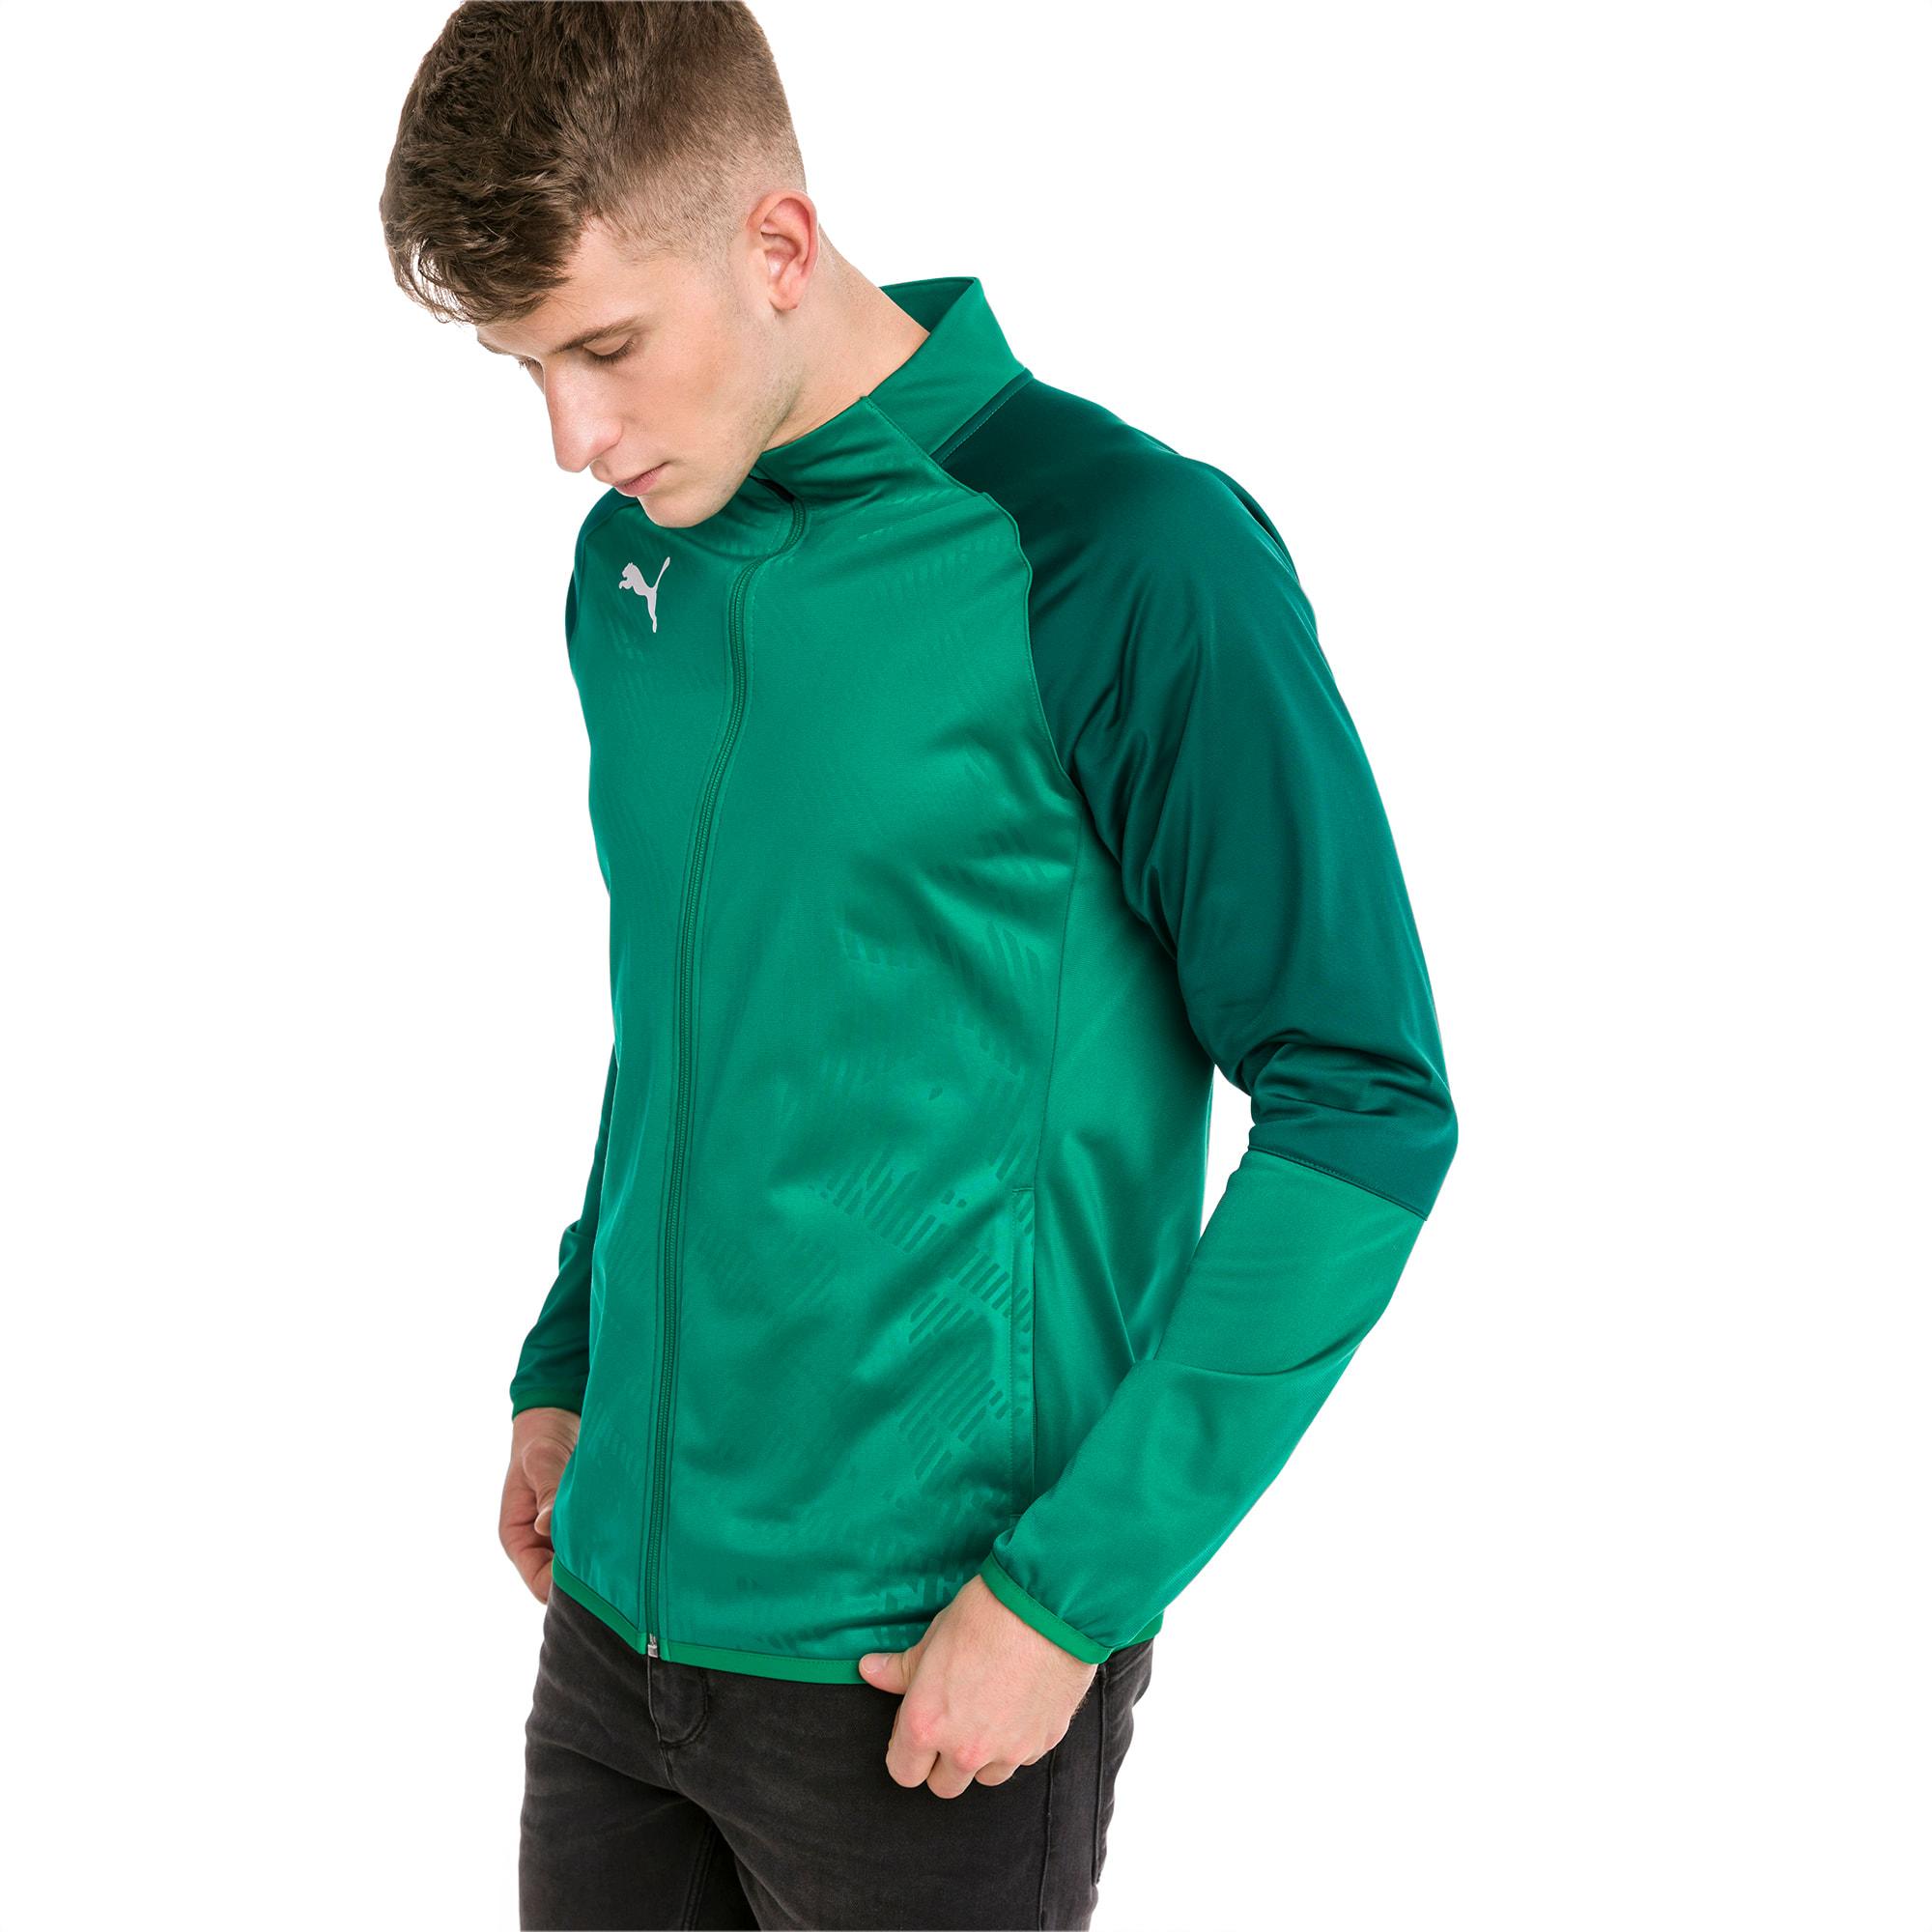 blouson de survêtement pour le foot cup training poly core pour homme, vert, taille xxl, vêtements